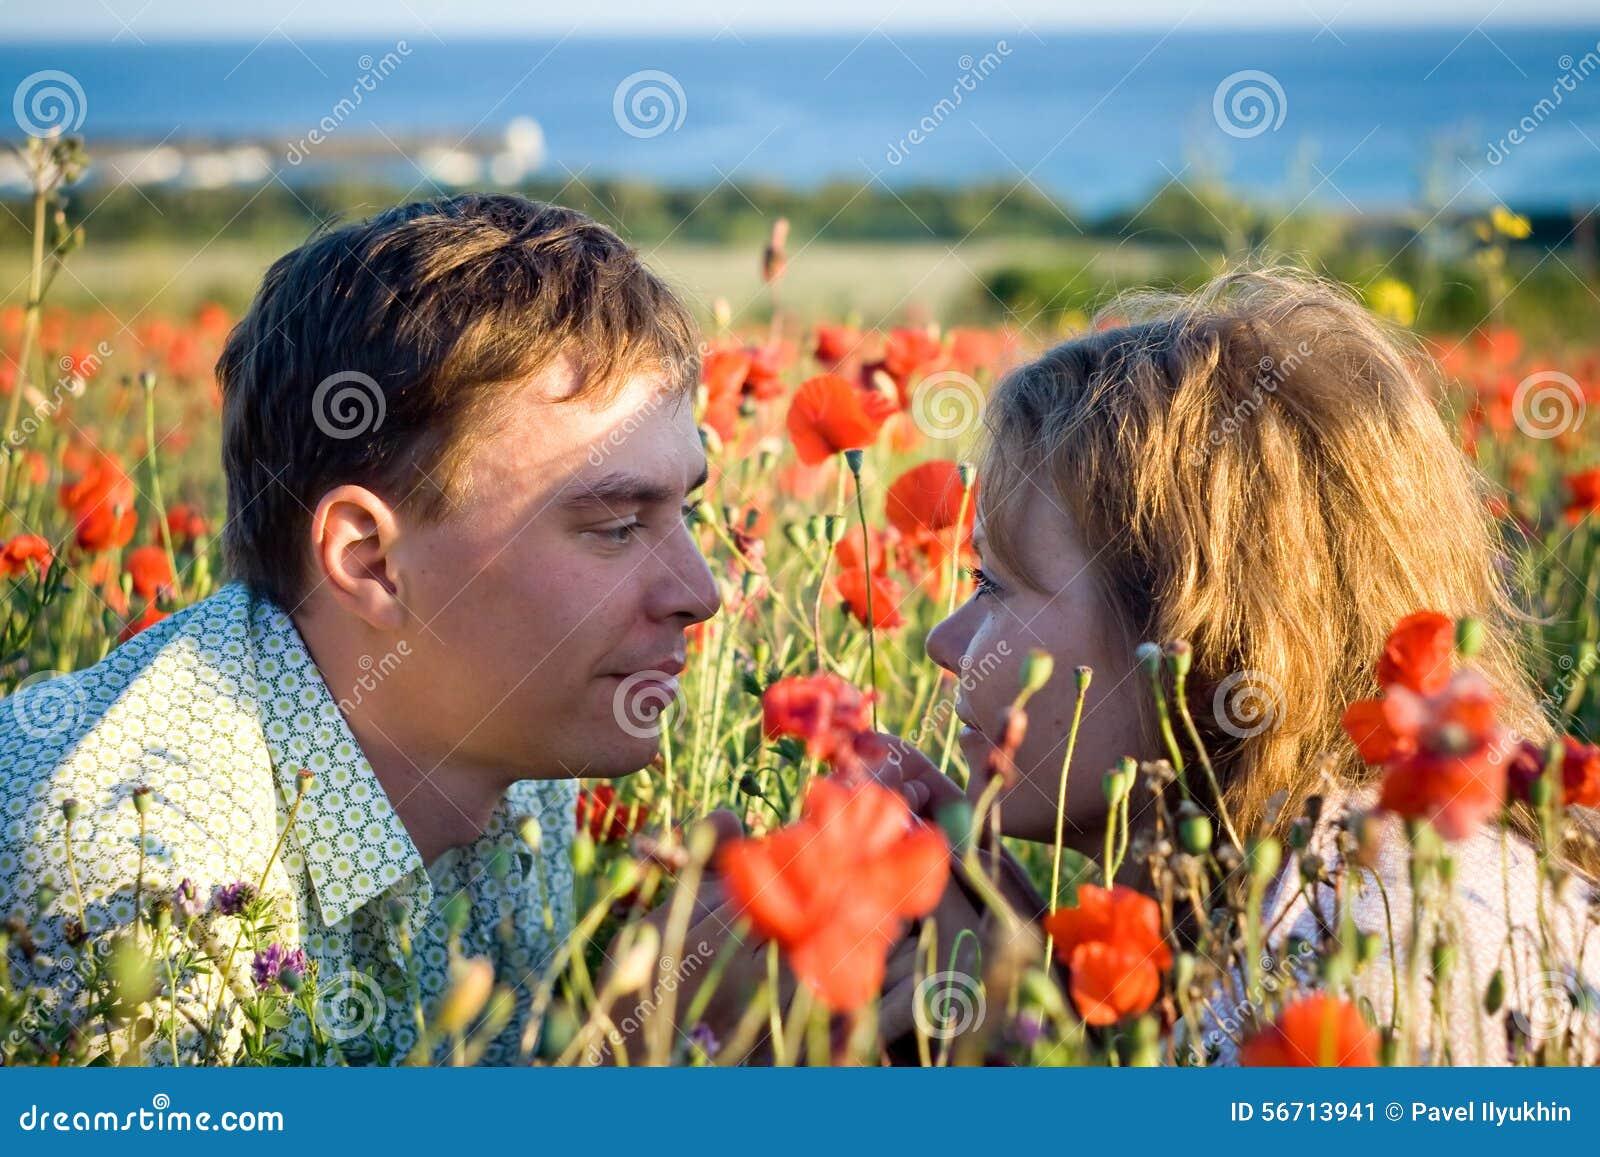 women looking for men in flores